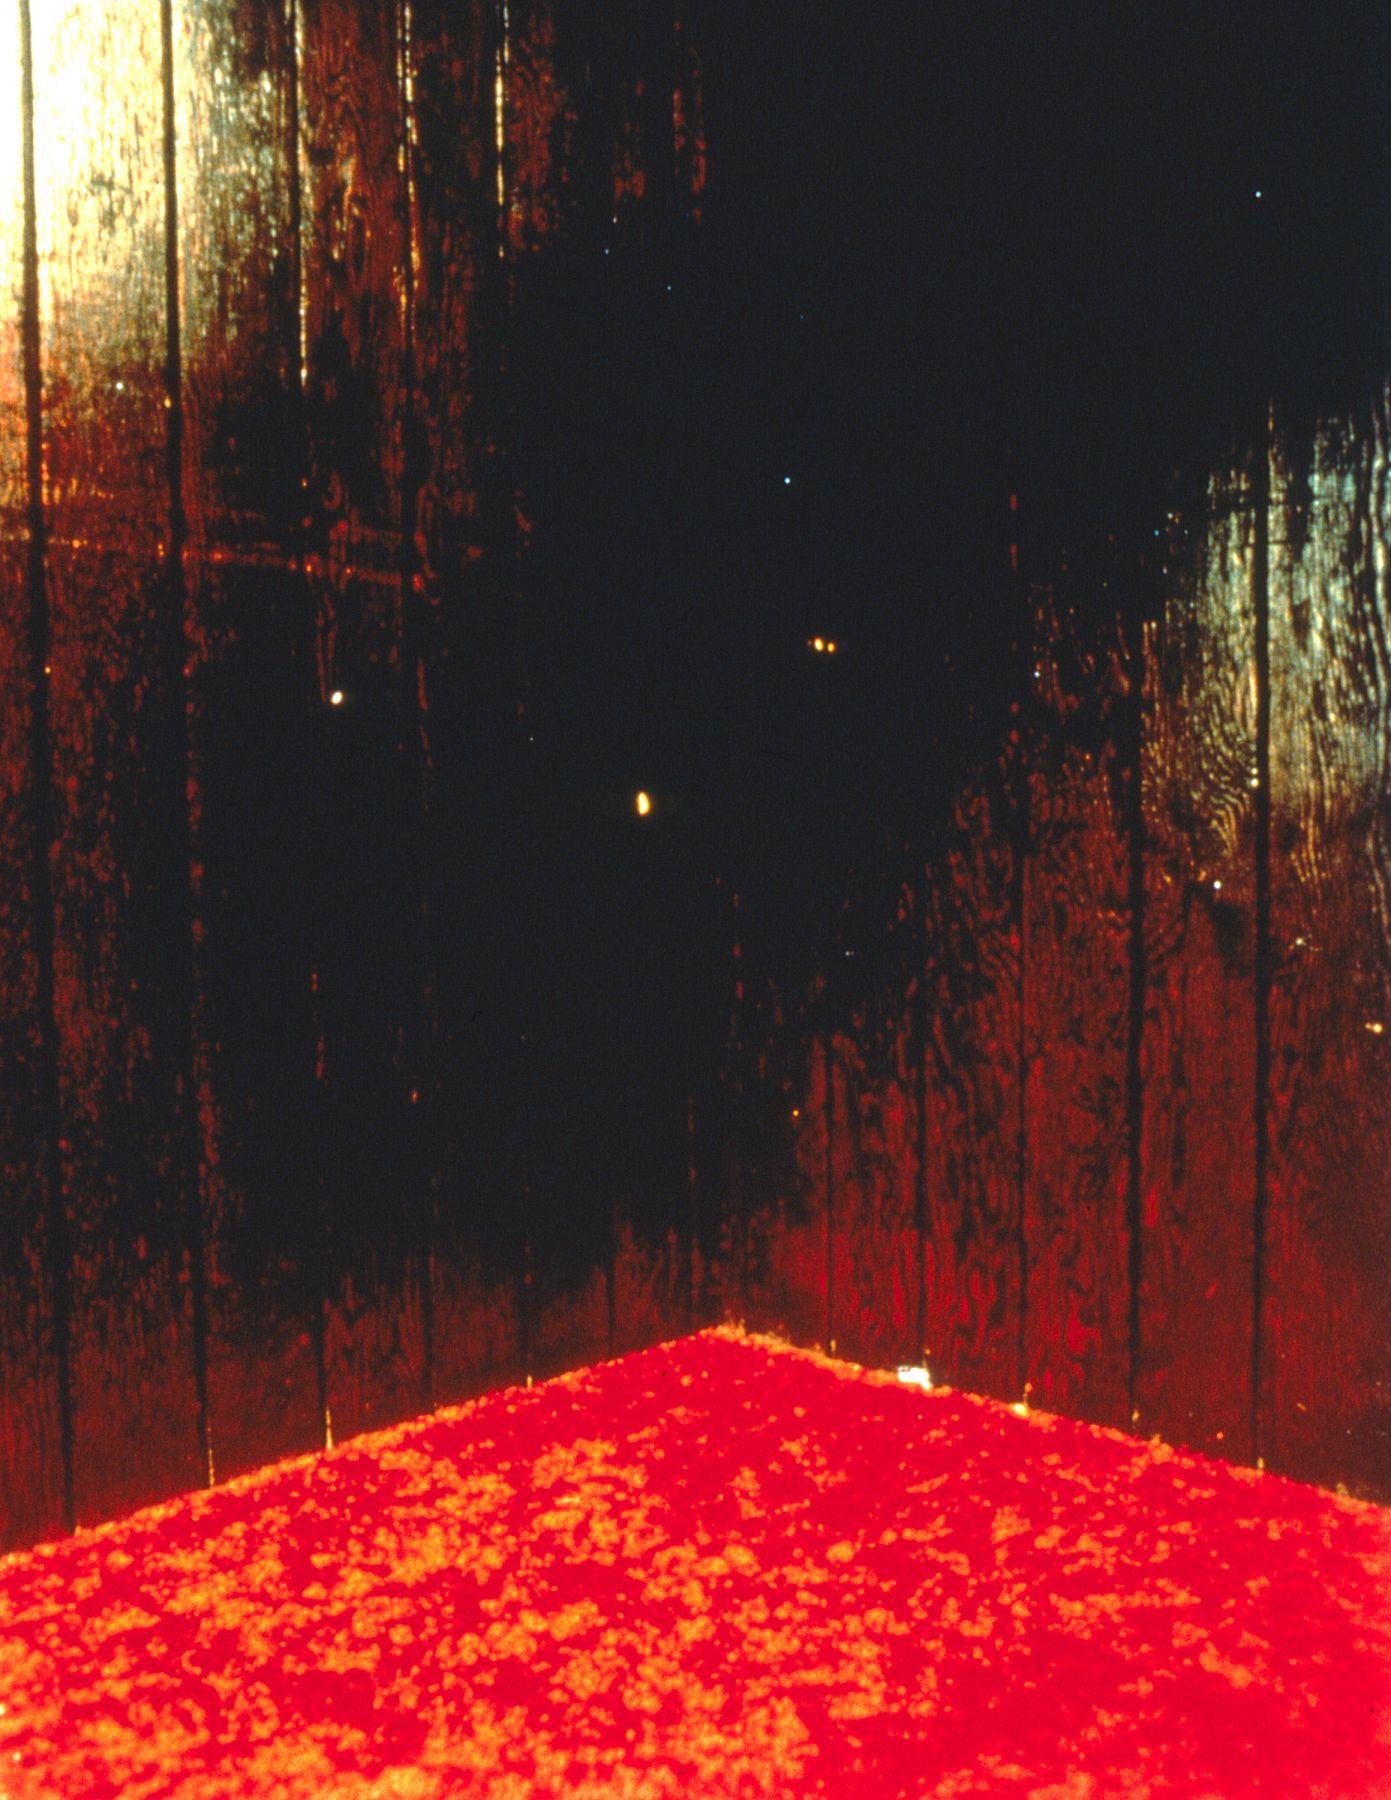 Julie Becker, Interior Corner #10, 1993, C-print, 35 1/2 x 27 1/2 inches